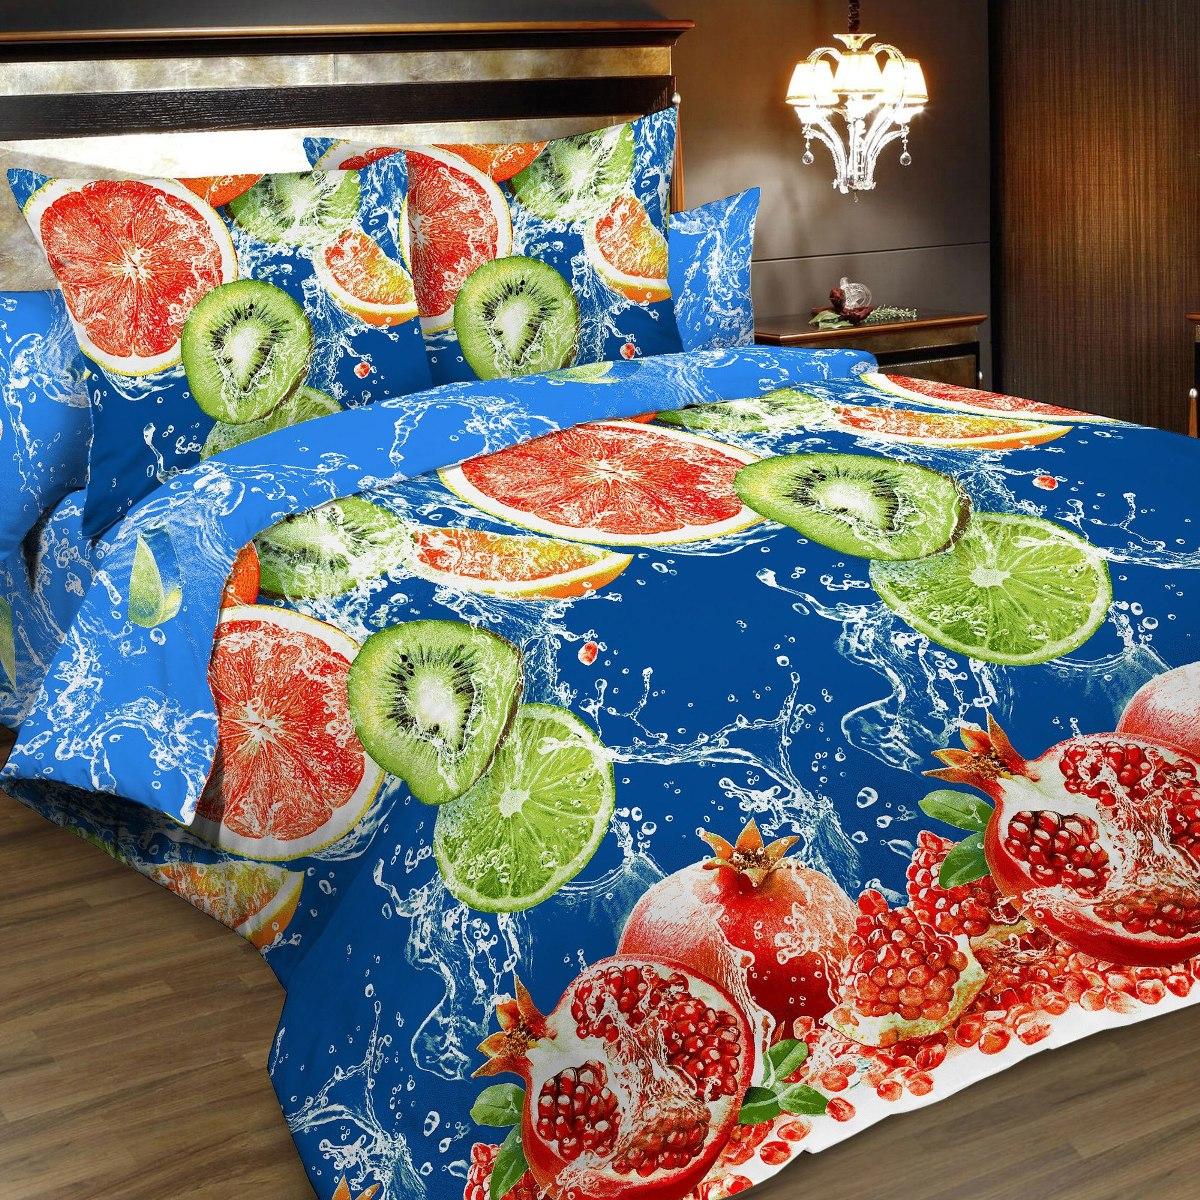 Комплект белья Letto, семейный, наволочки 70х70, цвет: синий, красный. B166-7 комплект белья letto семейный наволочки 70х70 цвет голубой синий b183 7